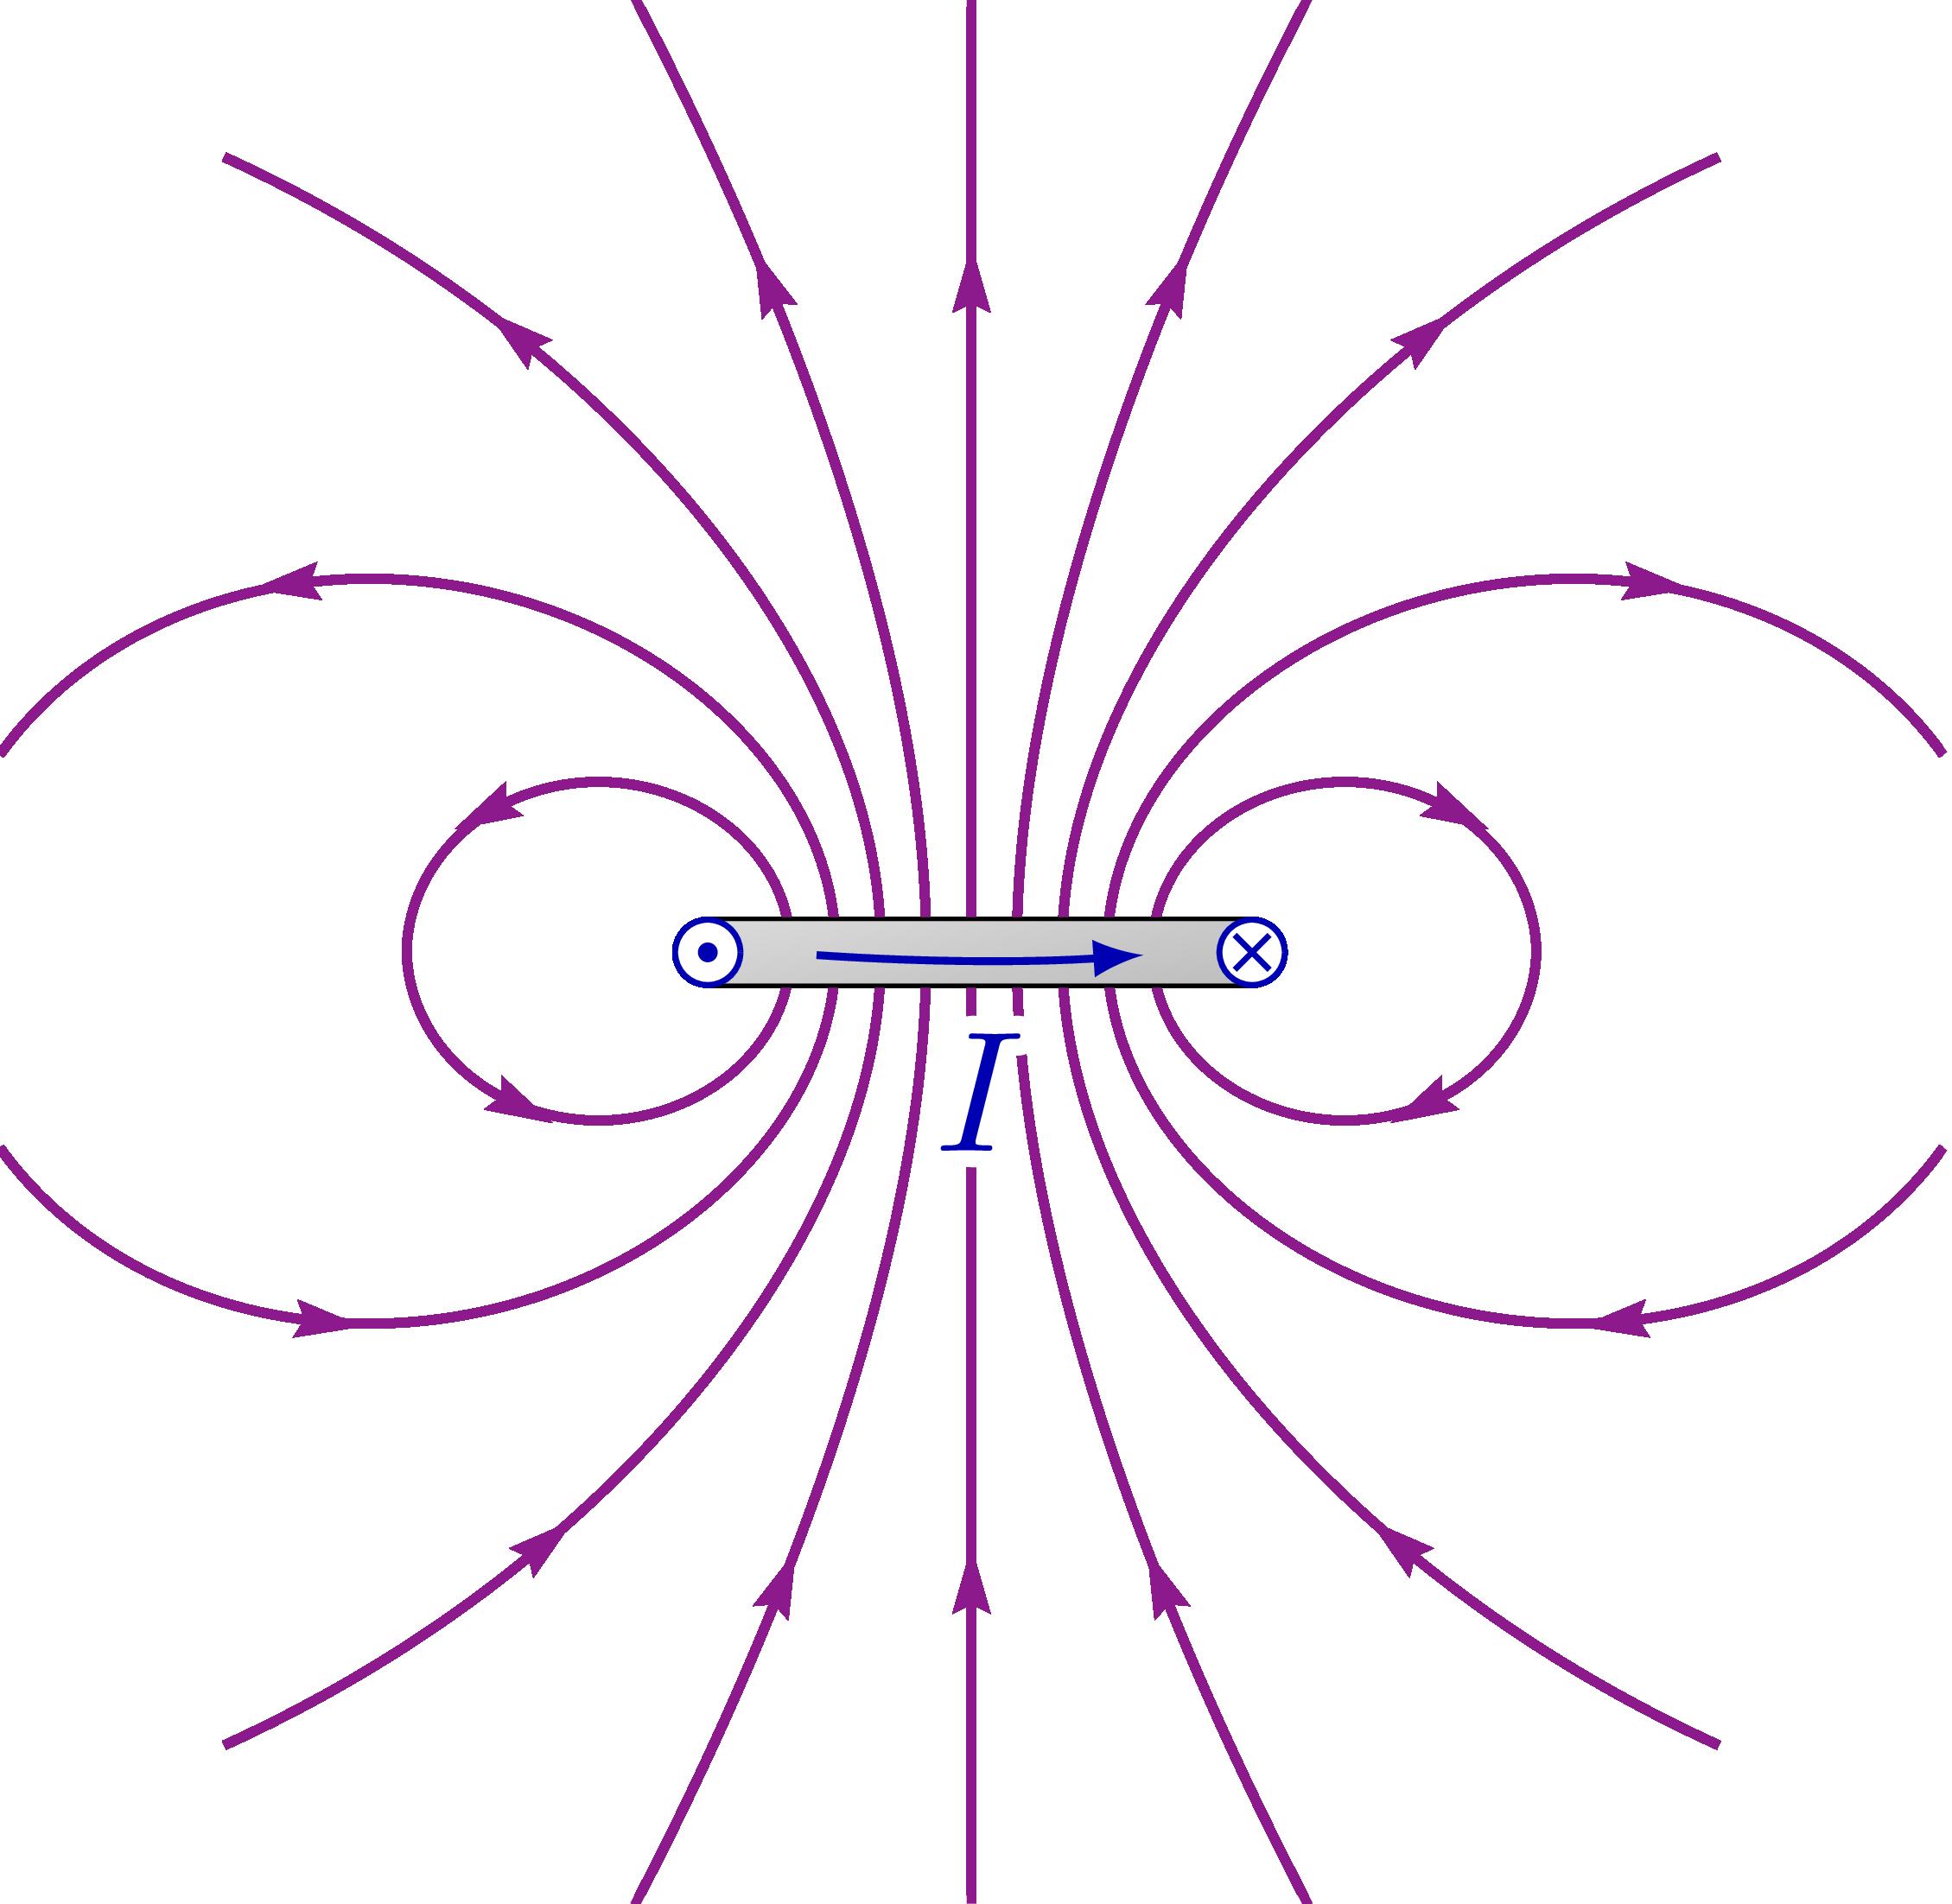 magnetic_field_loop-003.png